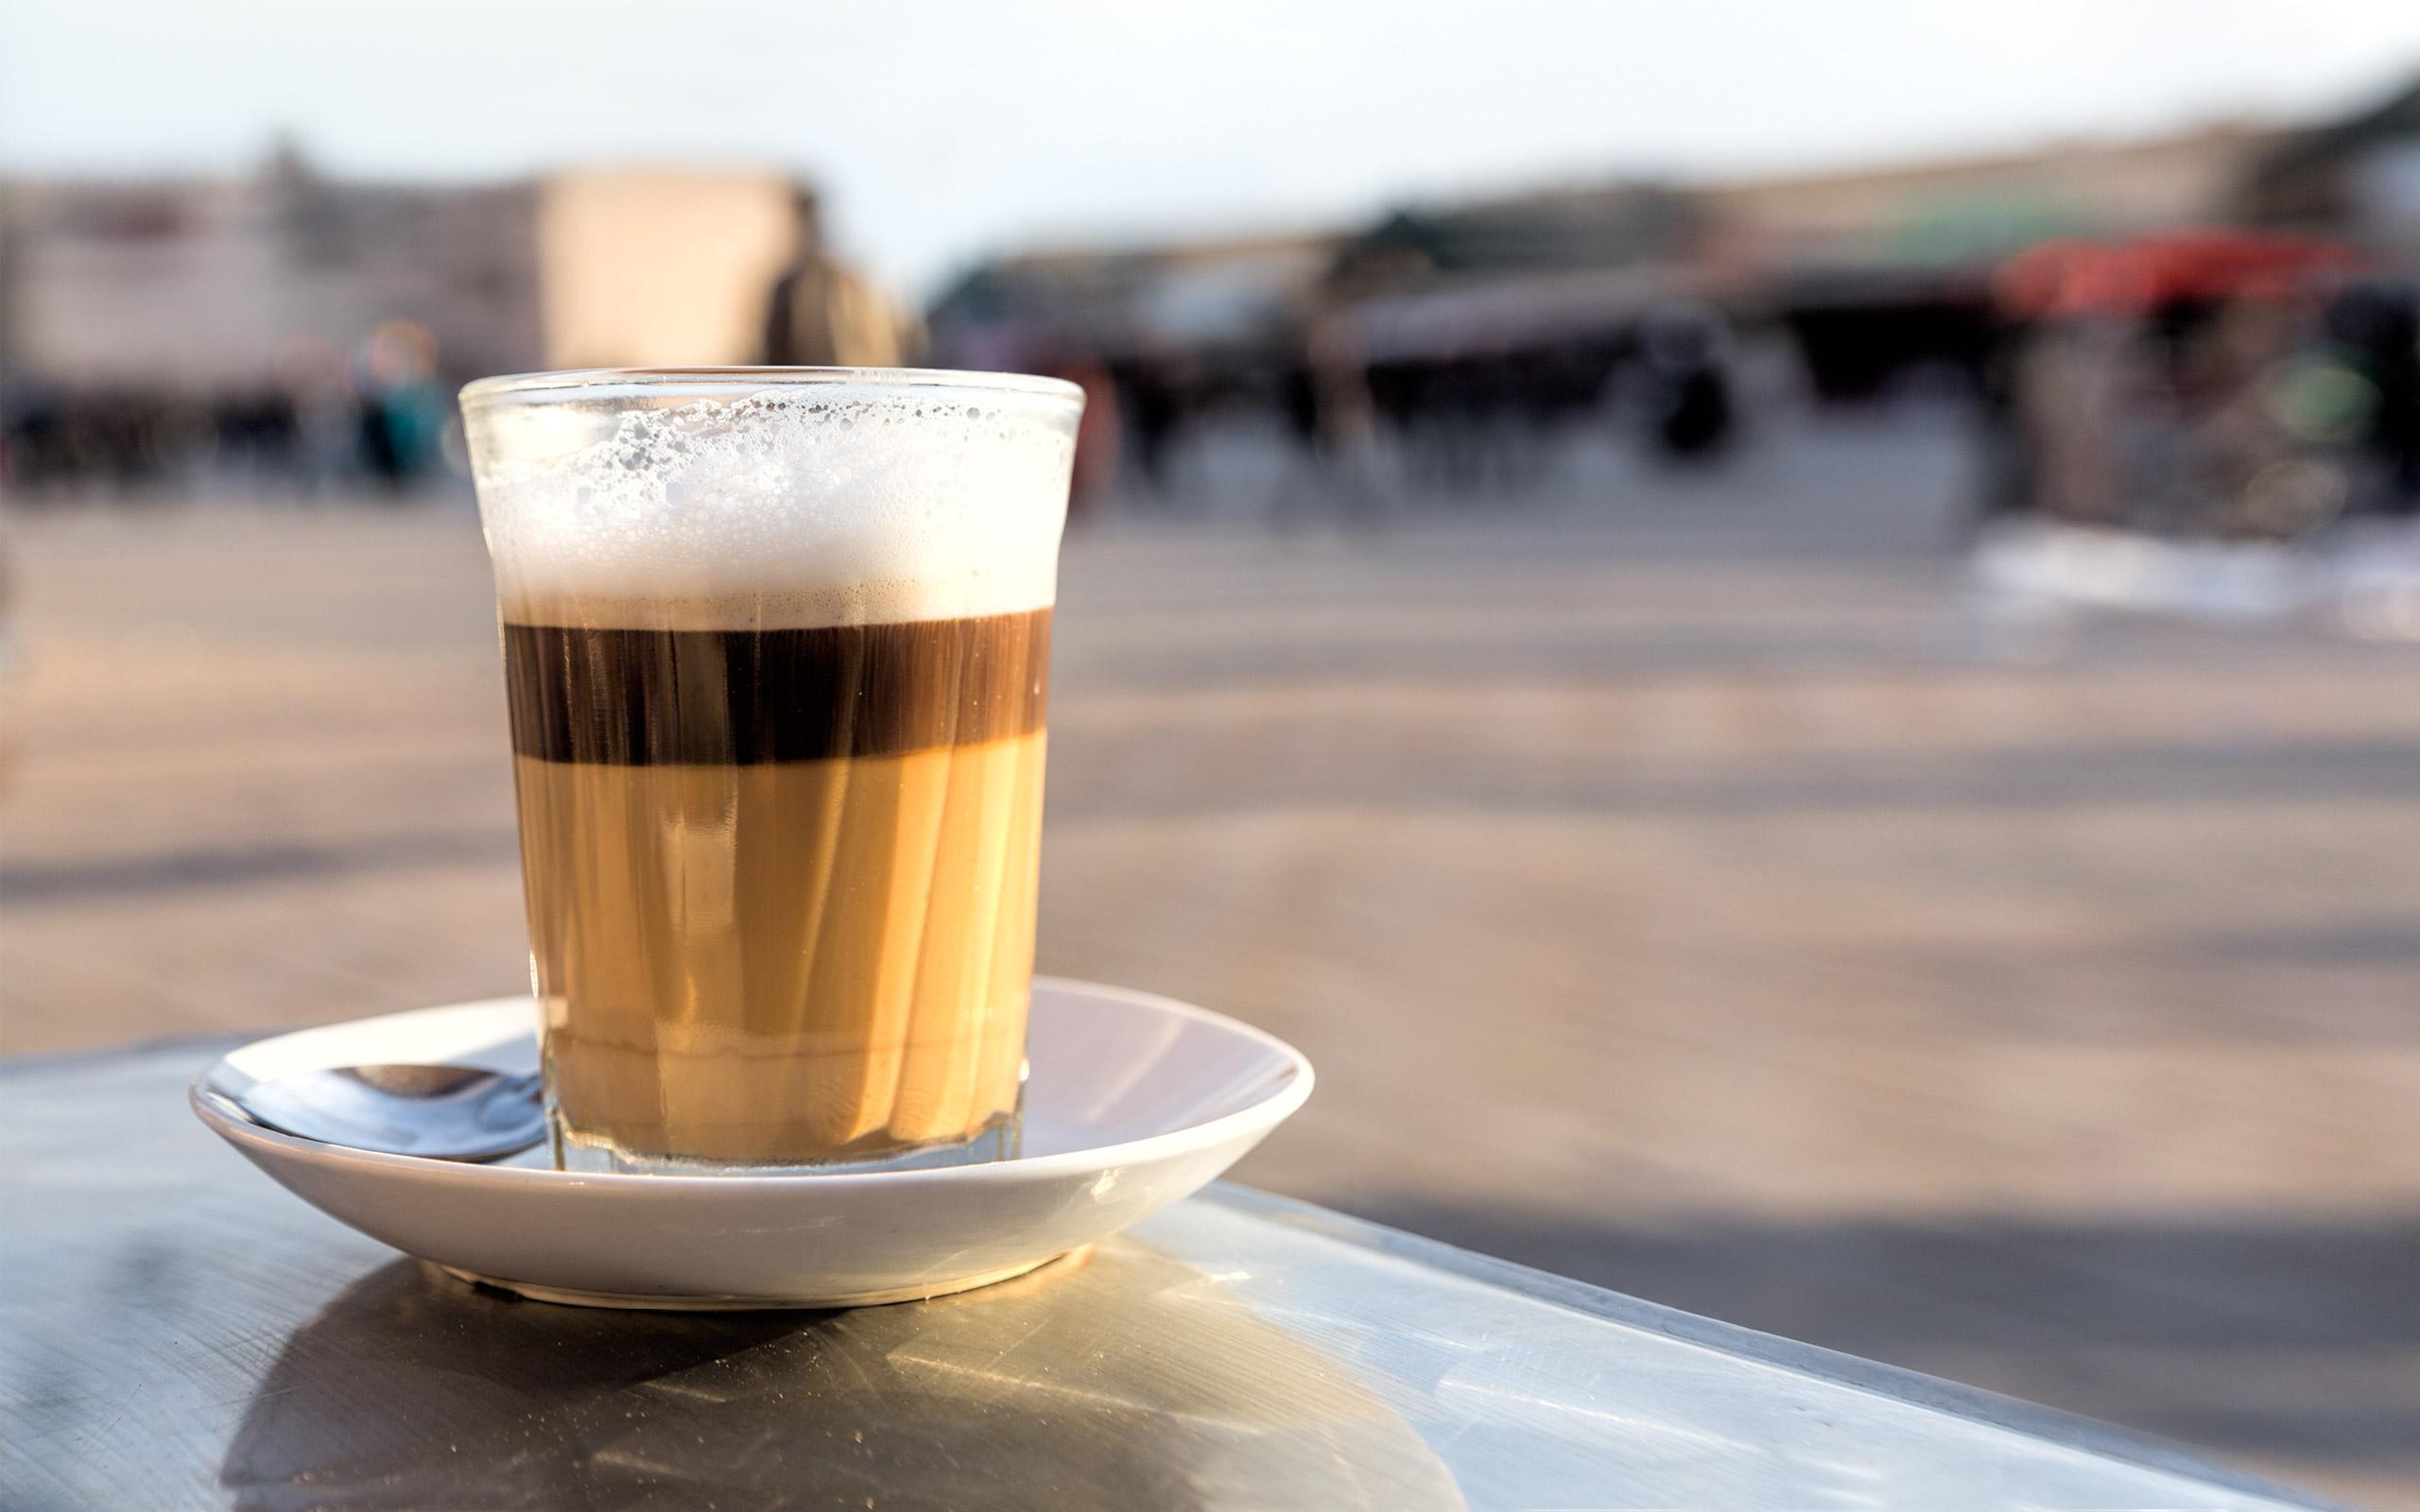 BRITA 咖啡 拿鐵 瑪琪雅朵咖啡